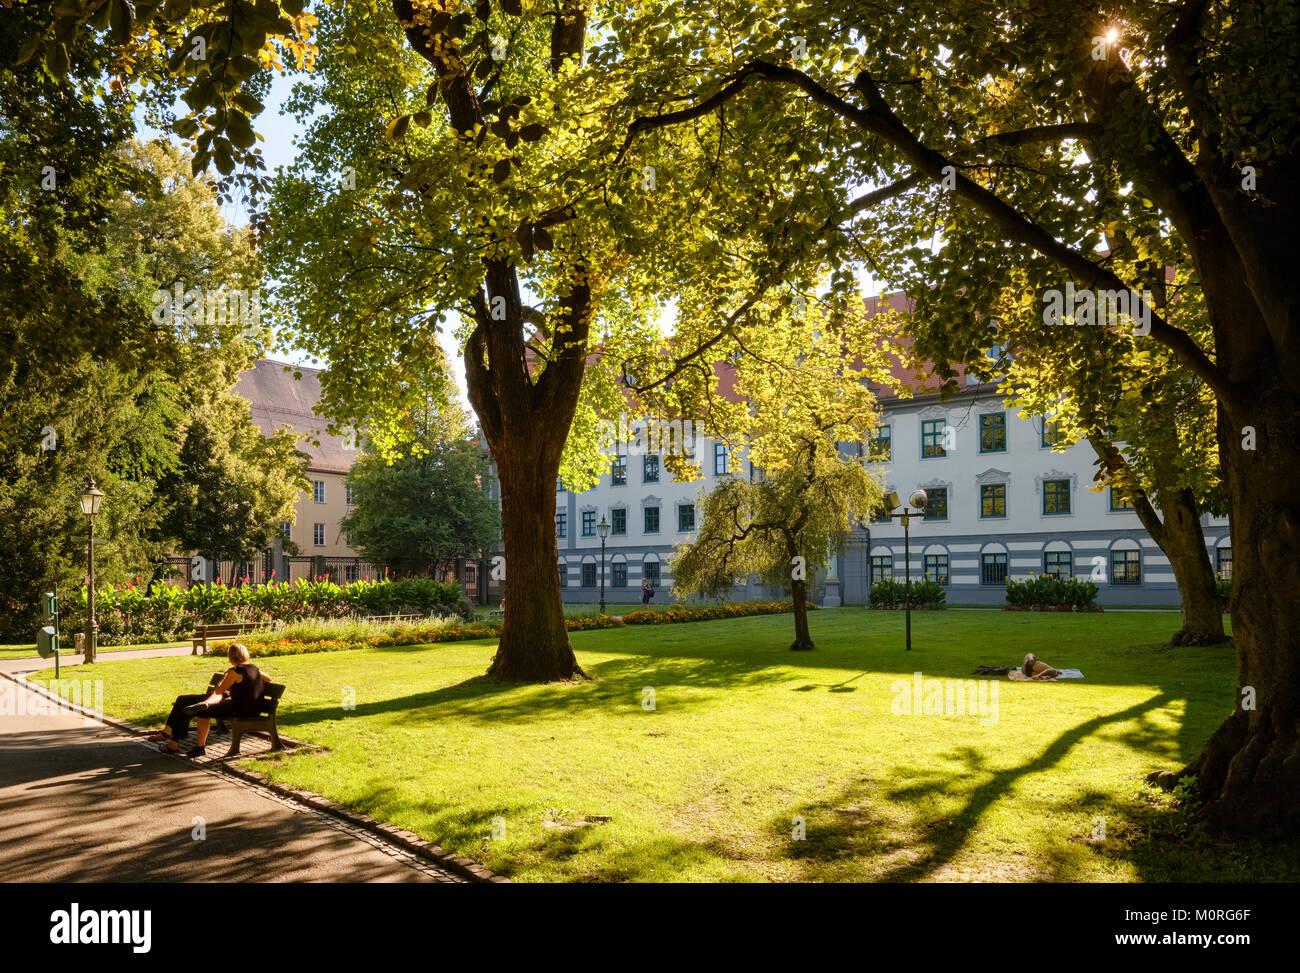 Fronhof, Altstadt Augsburg, Schwaben, Bayern, Deutschland - Stock Image